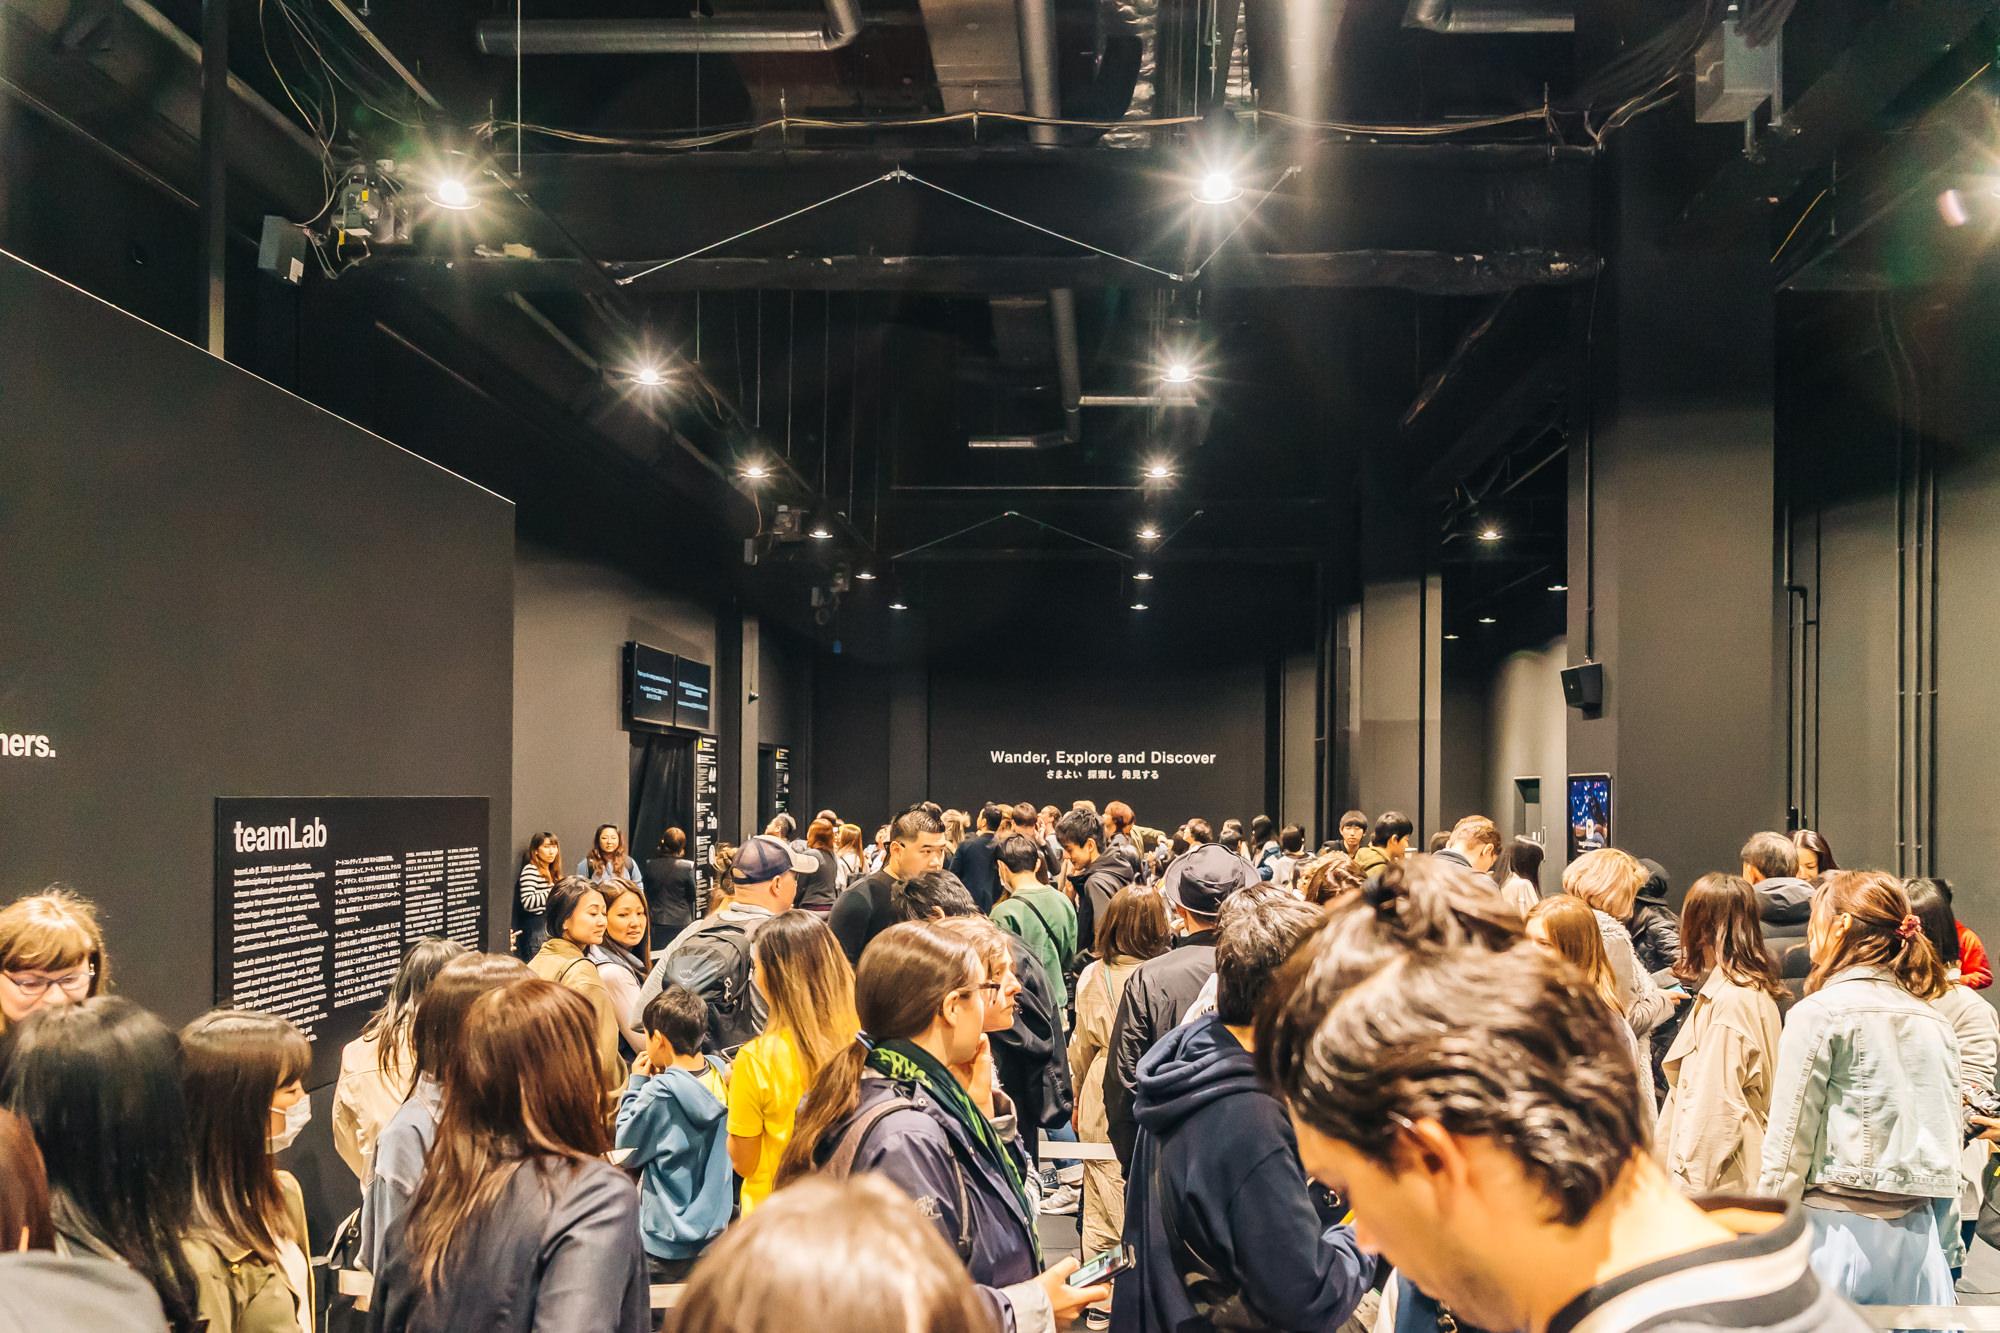 Line inside the teamLab Borderless museum